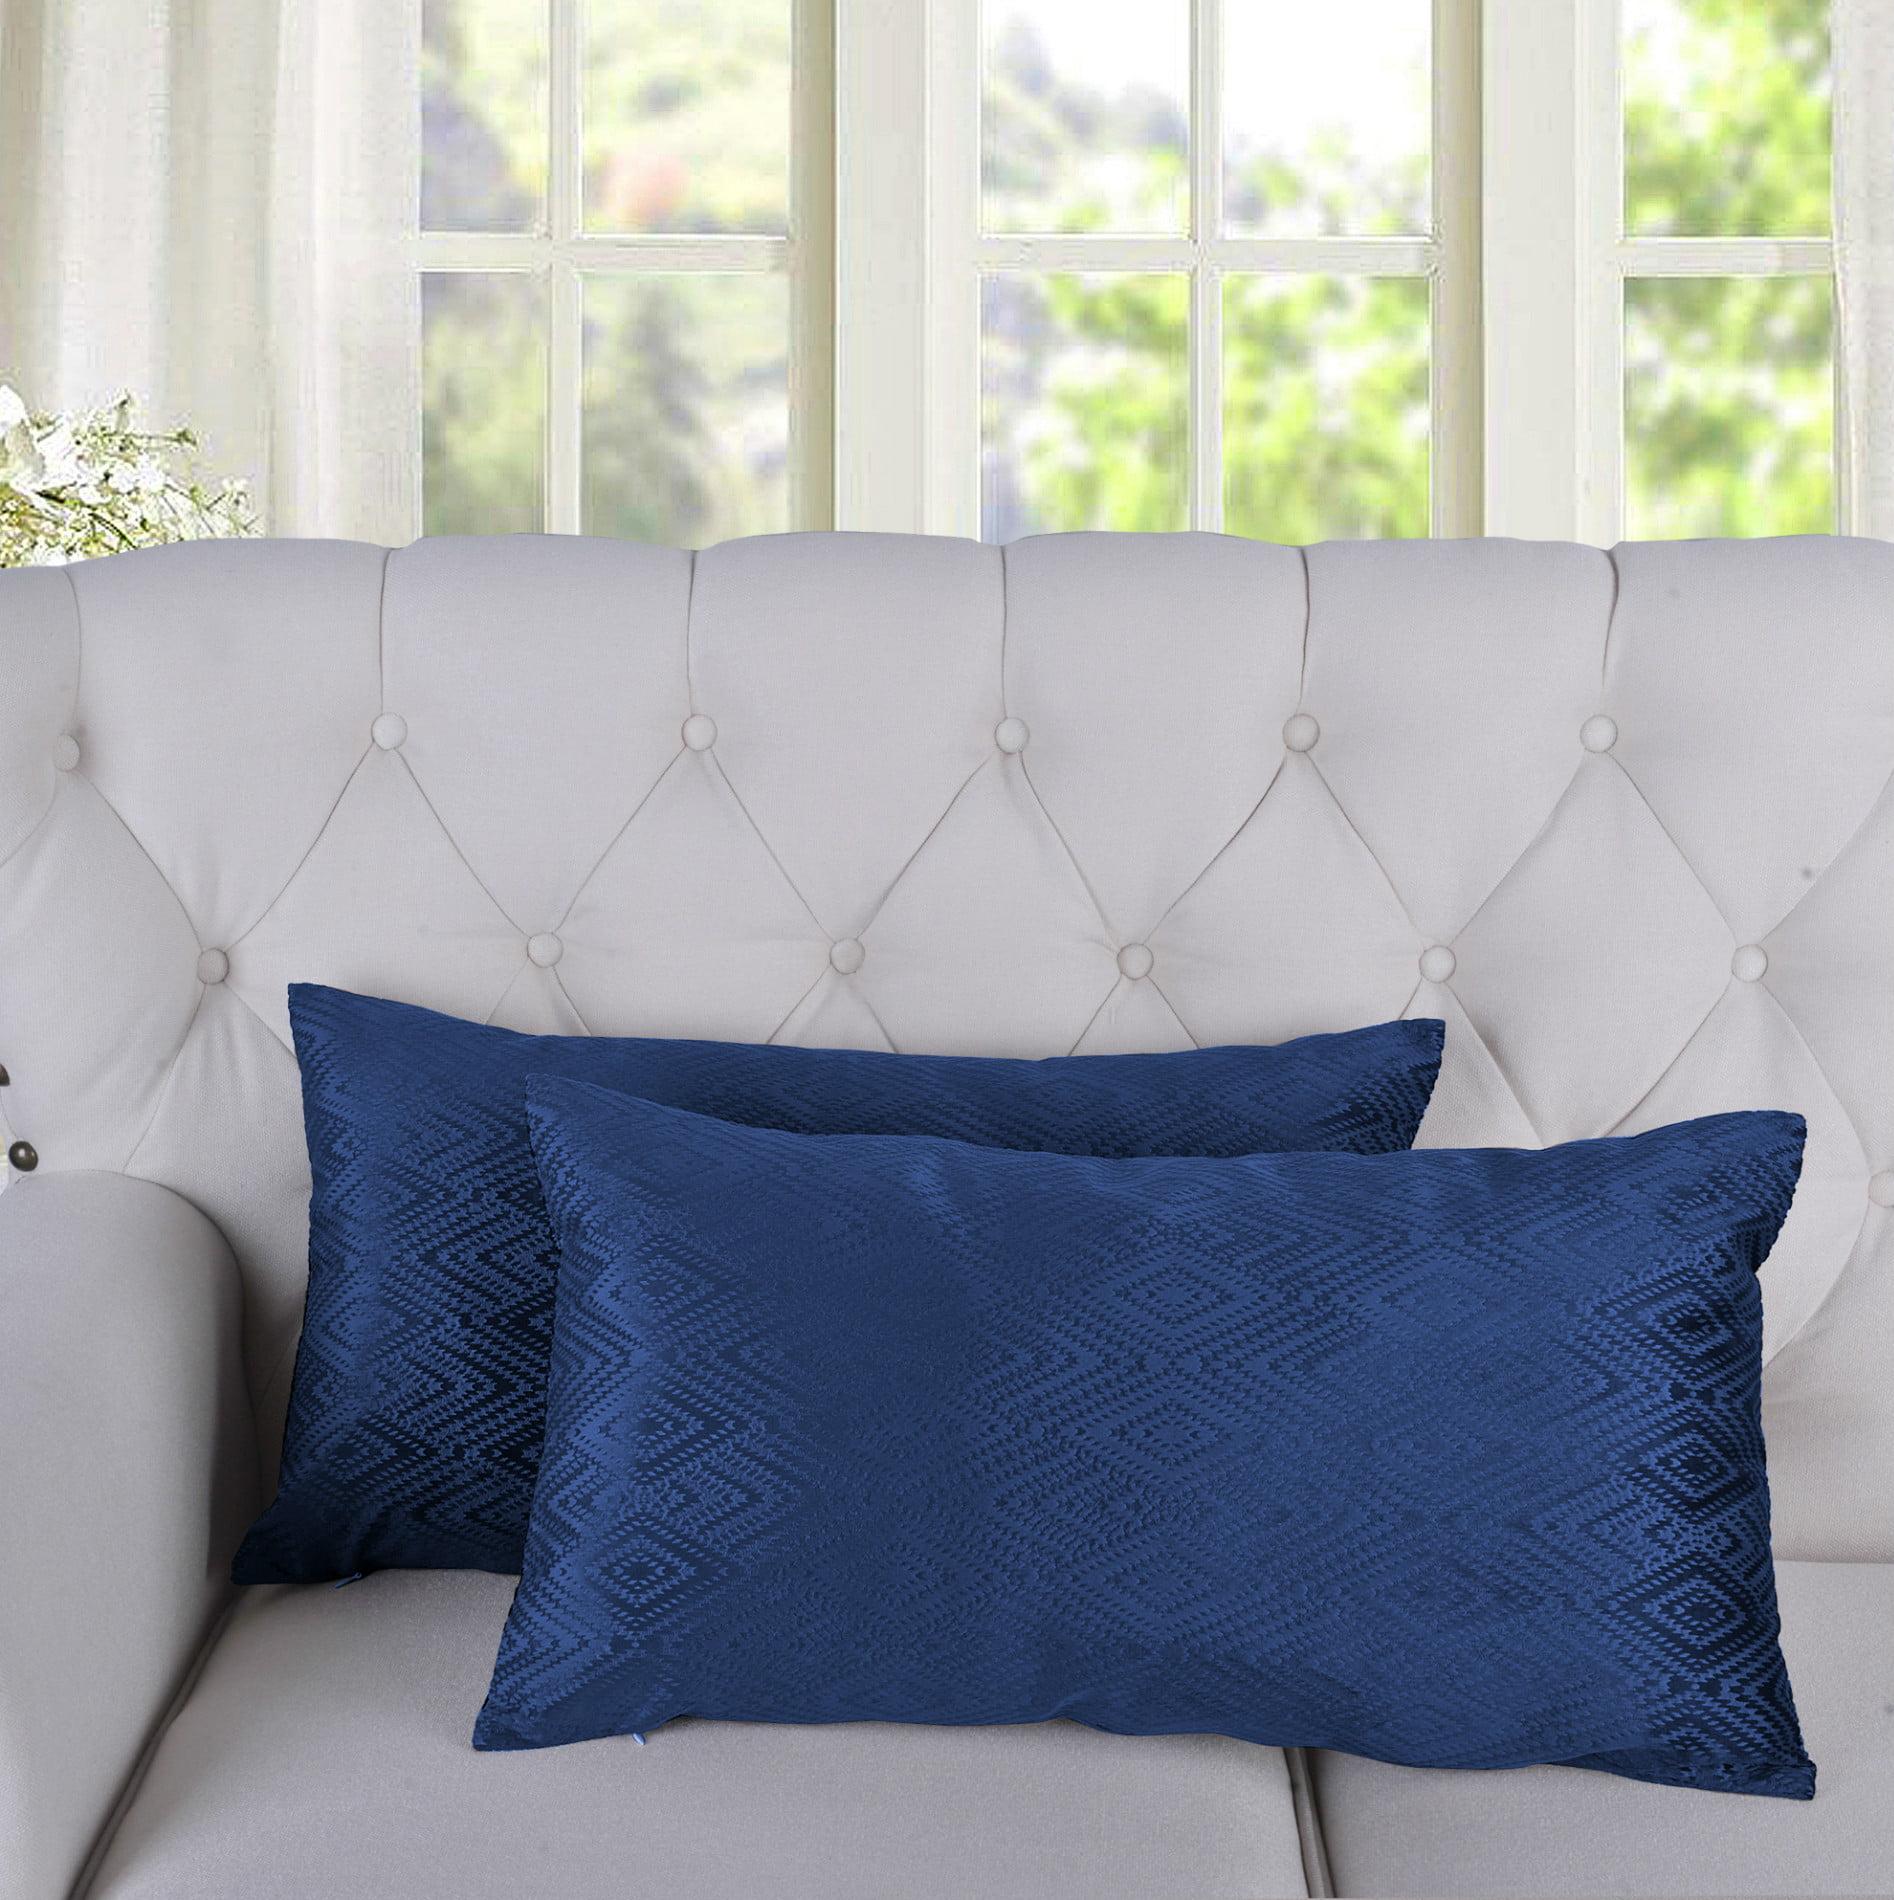 Serenta Ikat Velvet Pillow Shell Set